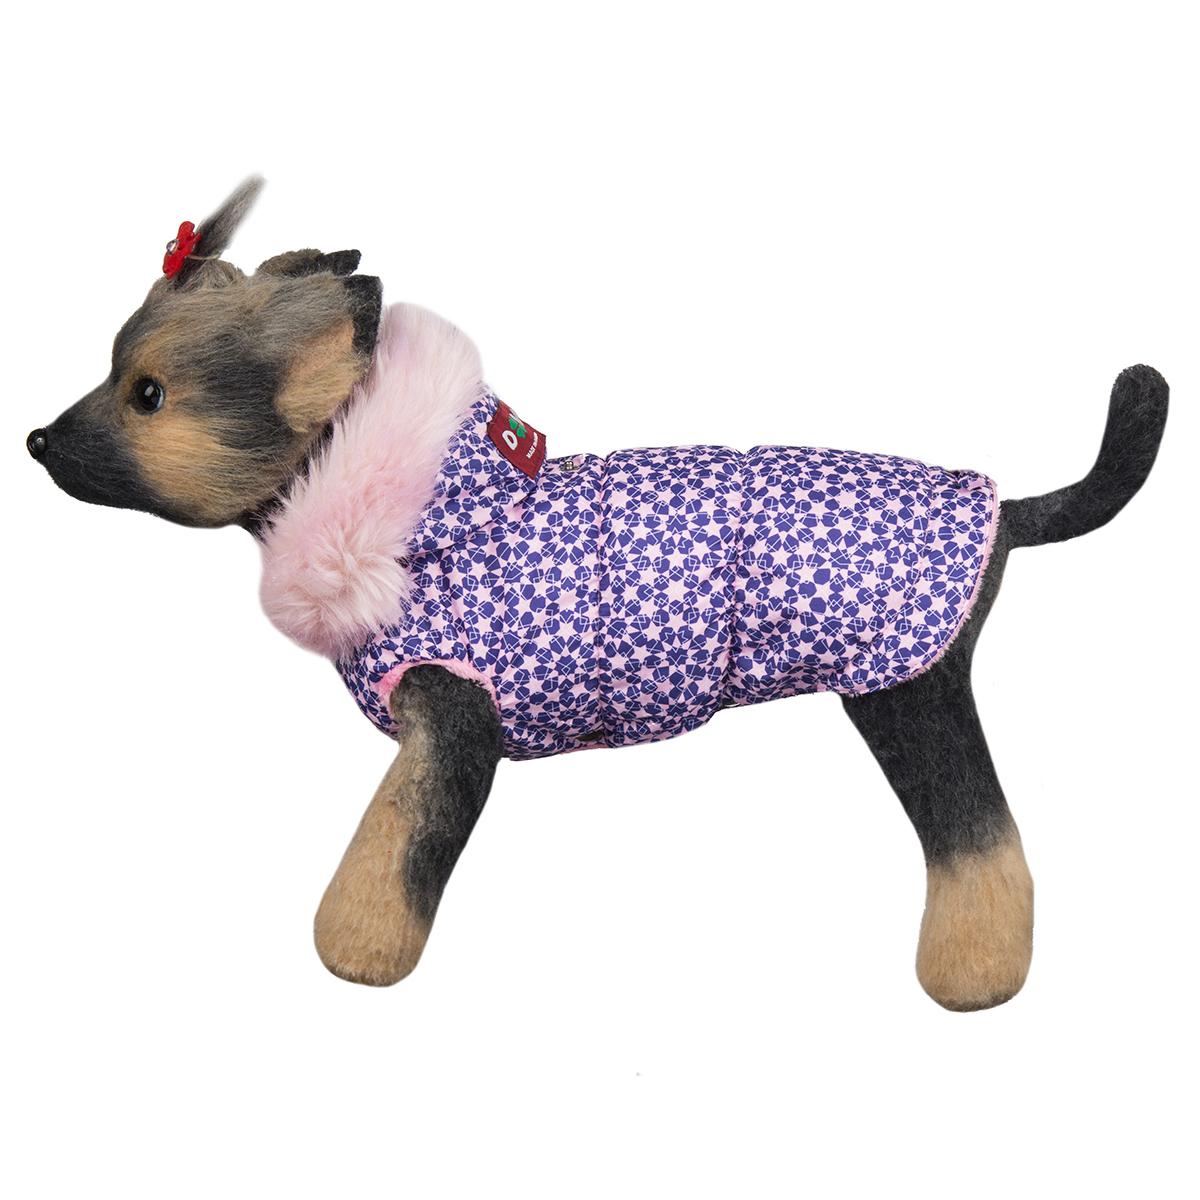 Куртка для собак Dogmoda Аляска, для девочки. Размер 2 (M)DM-160290-2Аляска Dogmoda для собак (девочка) – изделие, изготовленное из полиэстера водоотталкивающего типа. Для подкладки был использован синтепон и искусственный мех. Светлые, мягкие и яркие тона аляски будут гармонировать с весёлостью и подвижностью домашнего любимца на прогулке. Одежда надёжно защитит собачку от пронизывающей зимней стужи и позволит от души наслаждаться свежим снегом и длительным пребыванием на прогулке в морозный день. Изделие легко надевается и снимается, не доставляя неприятных минут хозяину и его питомцу. Технология пошива аляски не стесняет движений и позволяет весело бегать наперегонки с четвероногими друзьями. Непрерывный теплообмен обеспечивает сохранение свежести кожного покрова, который у маленьких собачек особенно чувствителен и уязвим. Аляски входят в число наиболее востребованной одежды для маленьких и жизнерадостных питомцев. Свобода движений и ощущение тепла и комфорта – что ещё нужно для хорошей прогулки?